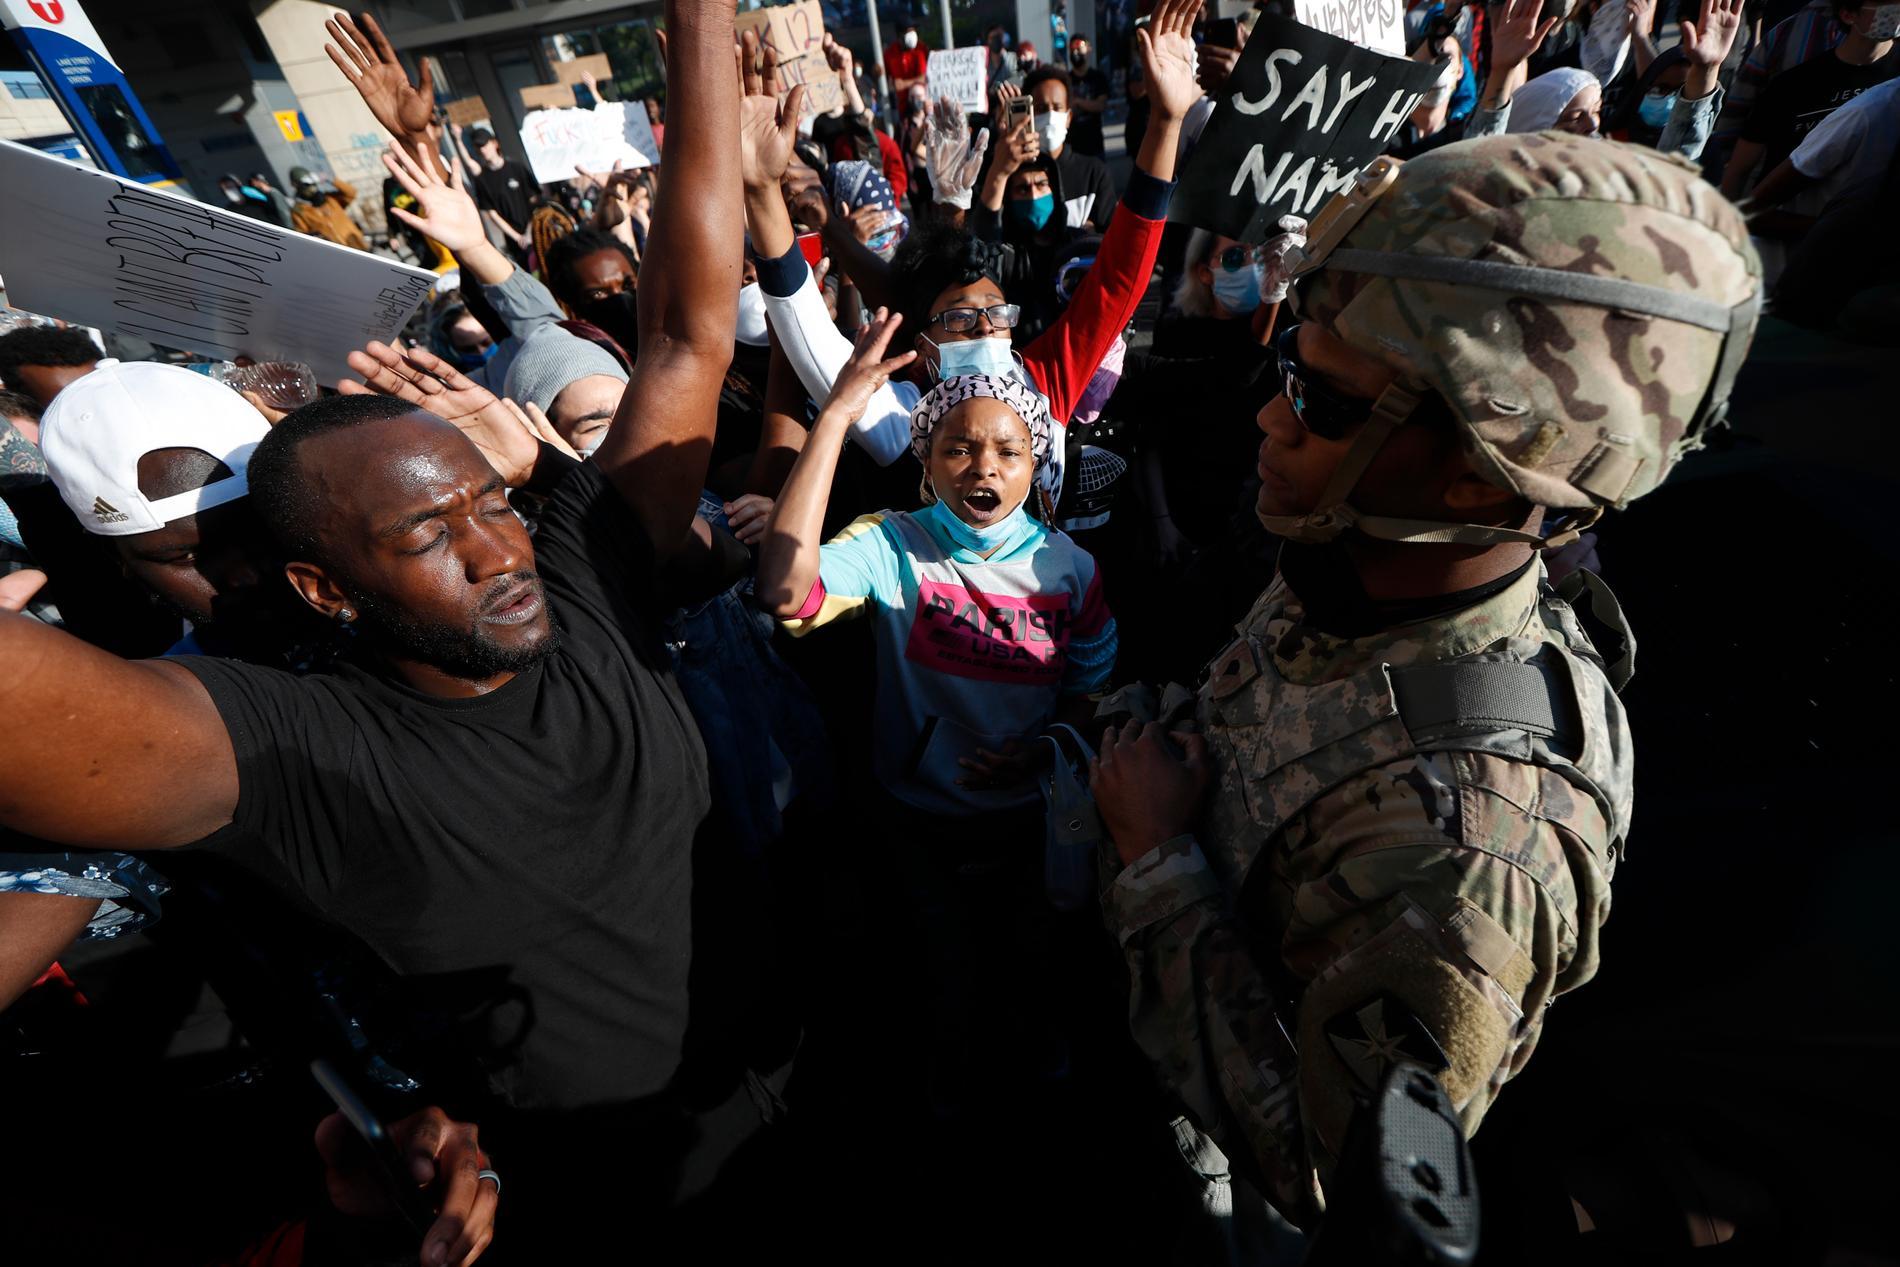 Tusentals poliser har kallats in till tvillingstäderna Minneapolis och Saint Paul där protesterna fortsätter.